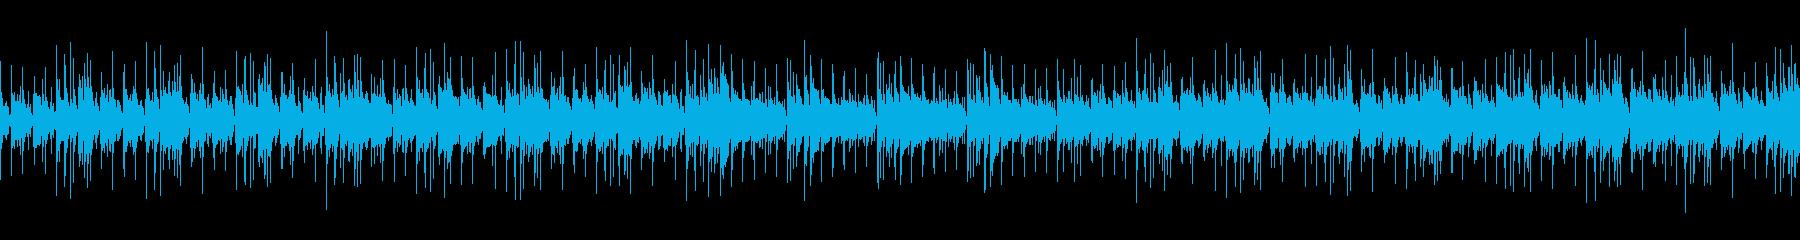 日常シーンで汎用性の高いアコギBGMの再生済みの波形